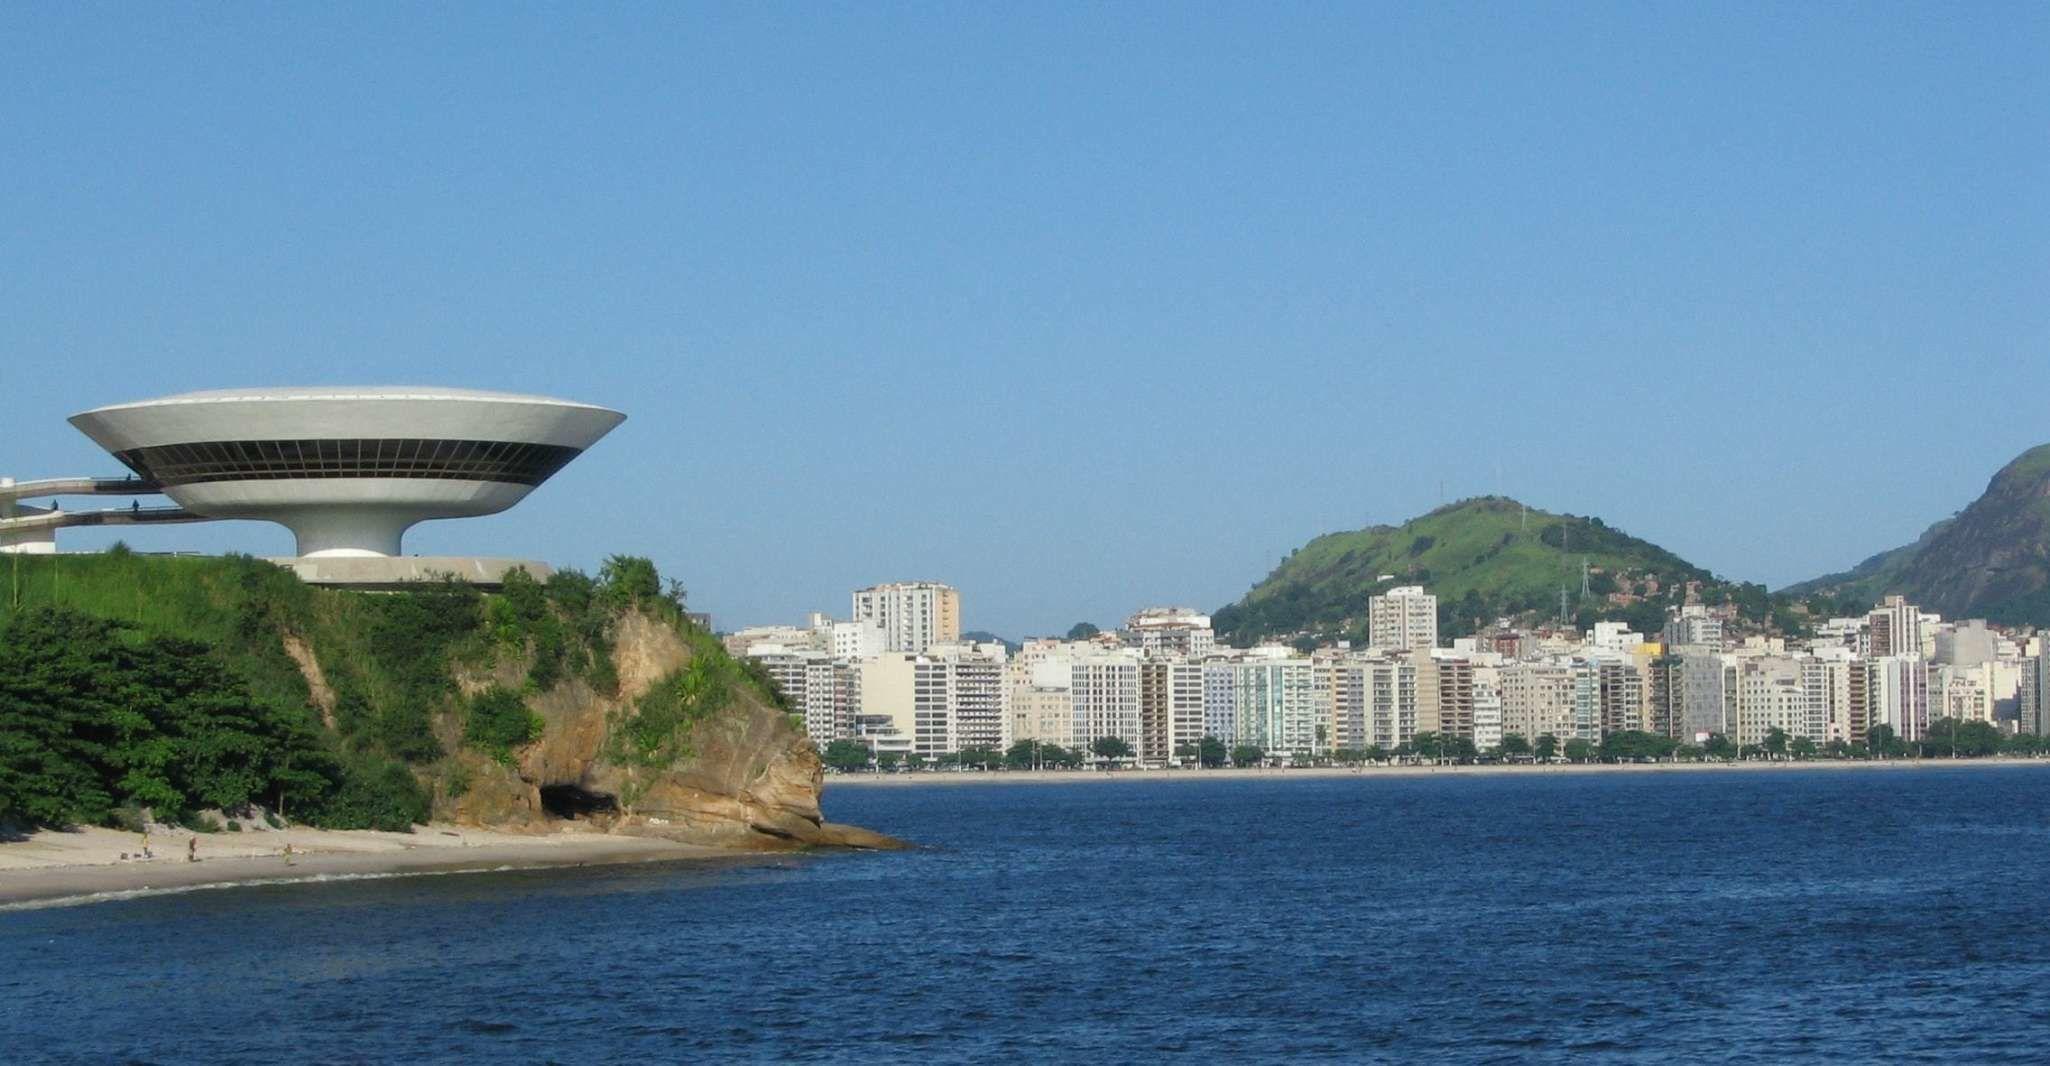 Niterói 1-Day Tour: The Hidden Gem Across Rio de Janeiro